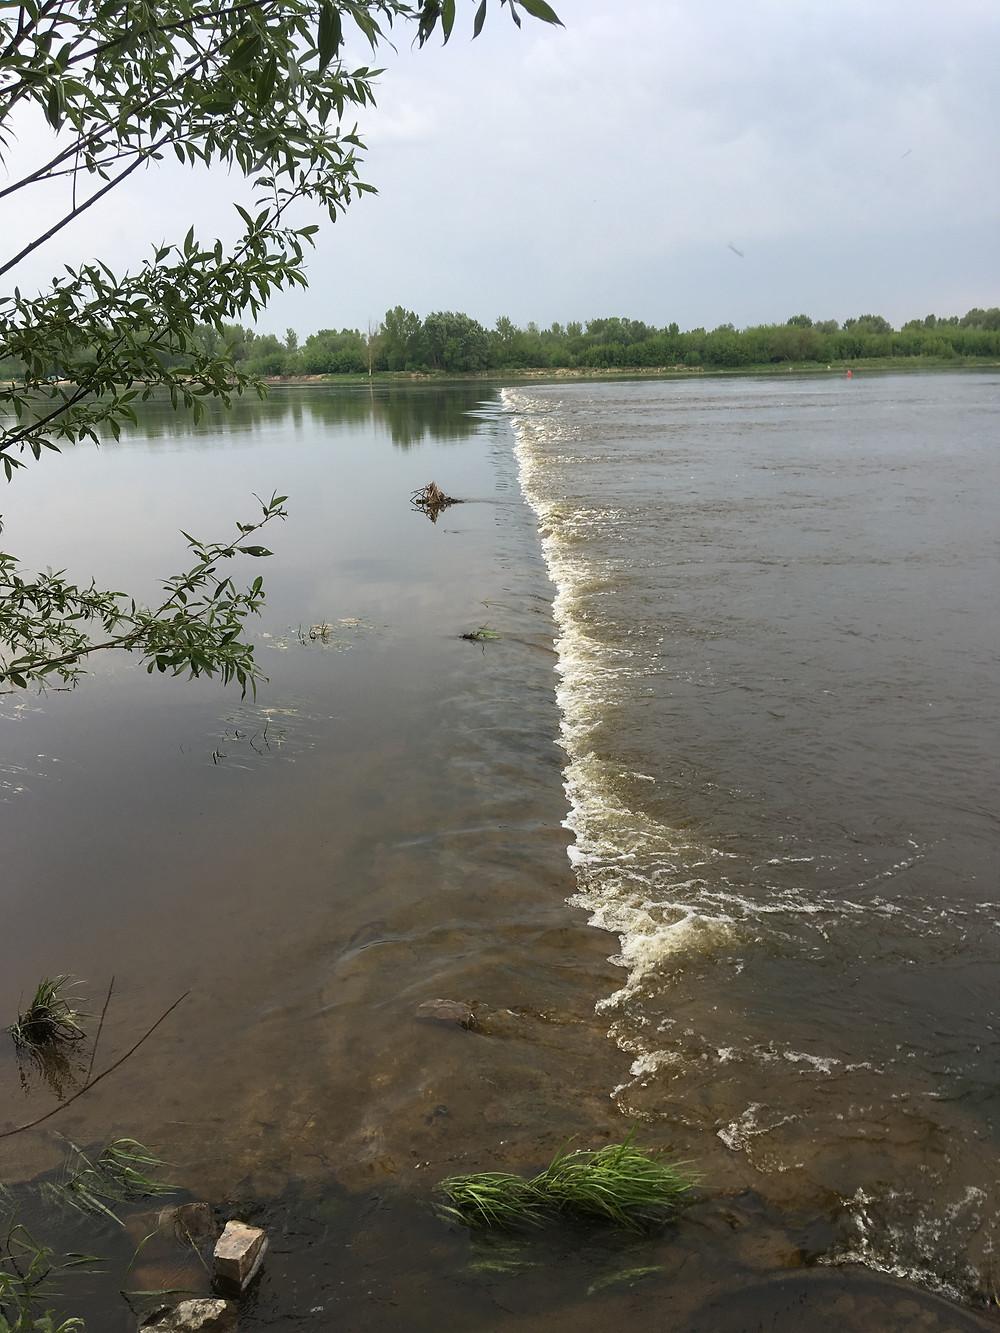 Główka k. Liszyna na rzece Wiśle przy średnim stanie wody.